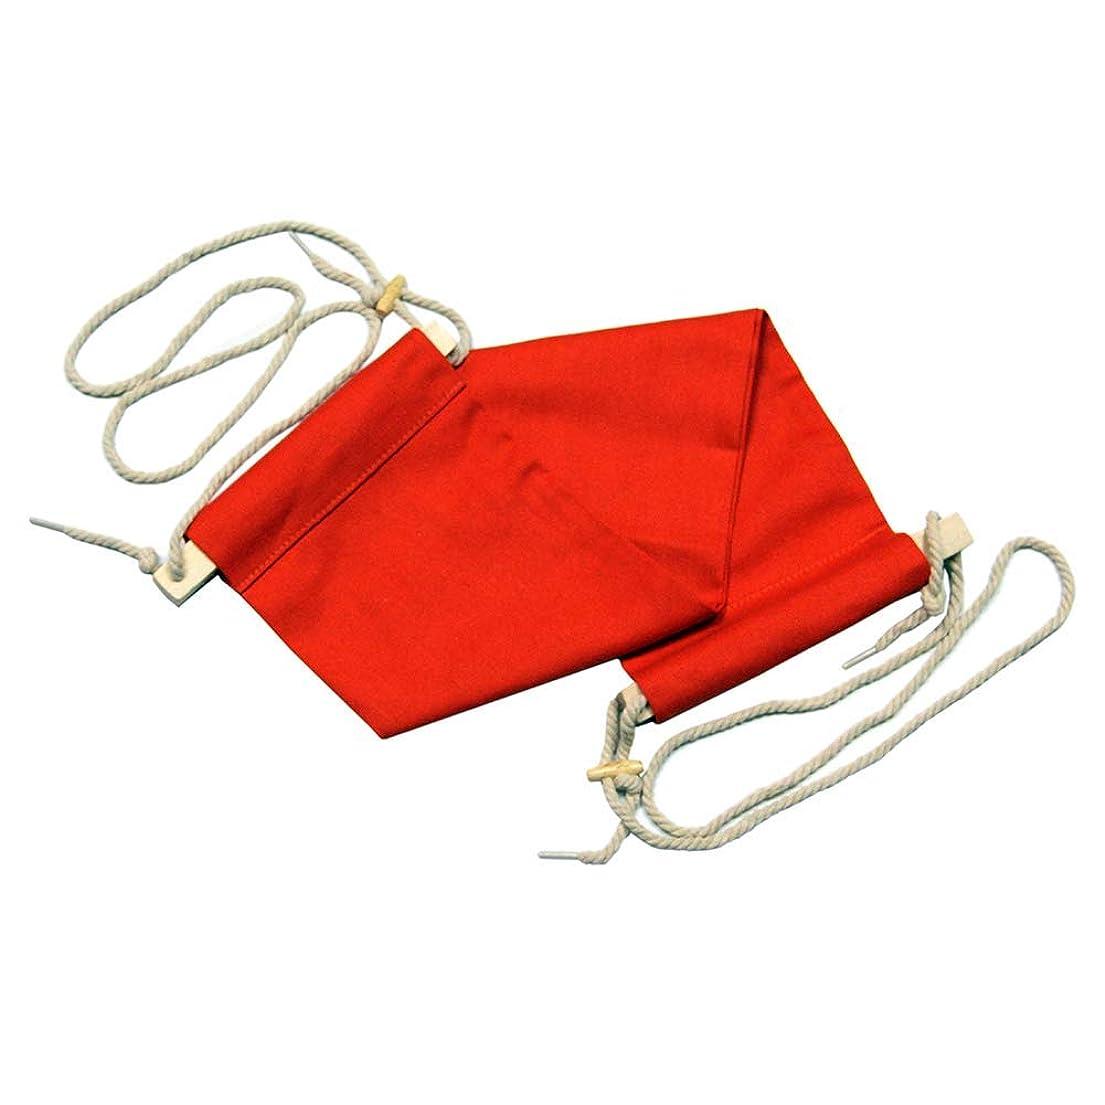 限界金銭的なお手伝いさん(Navy/Green/Orange) - FUUT - Put your foot up on the hammock under the desk comfortable for Your foot Colour in Random(Navy/Green/Pink/Yellow/White)